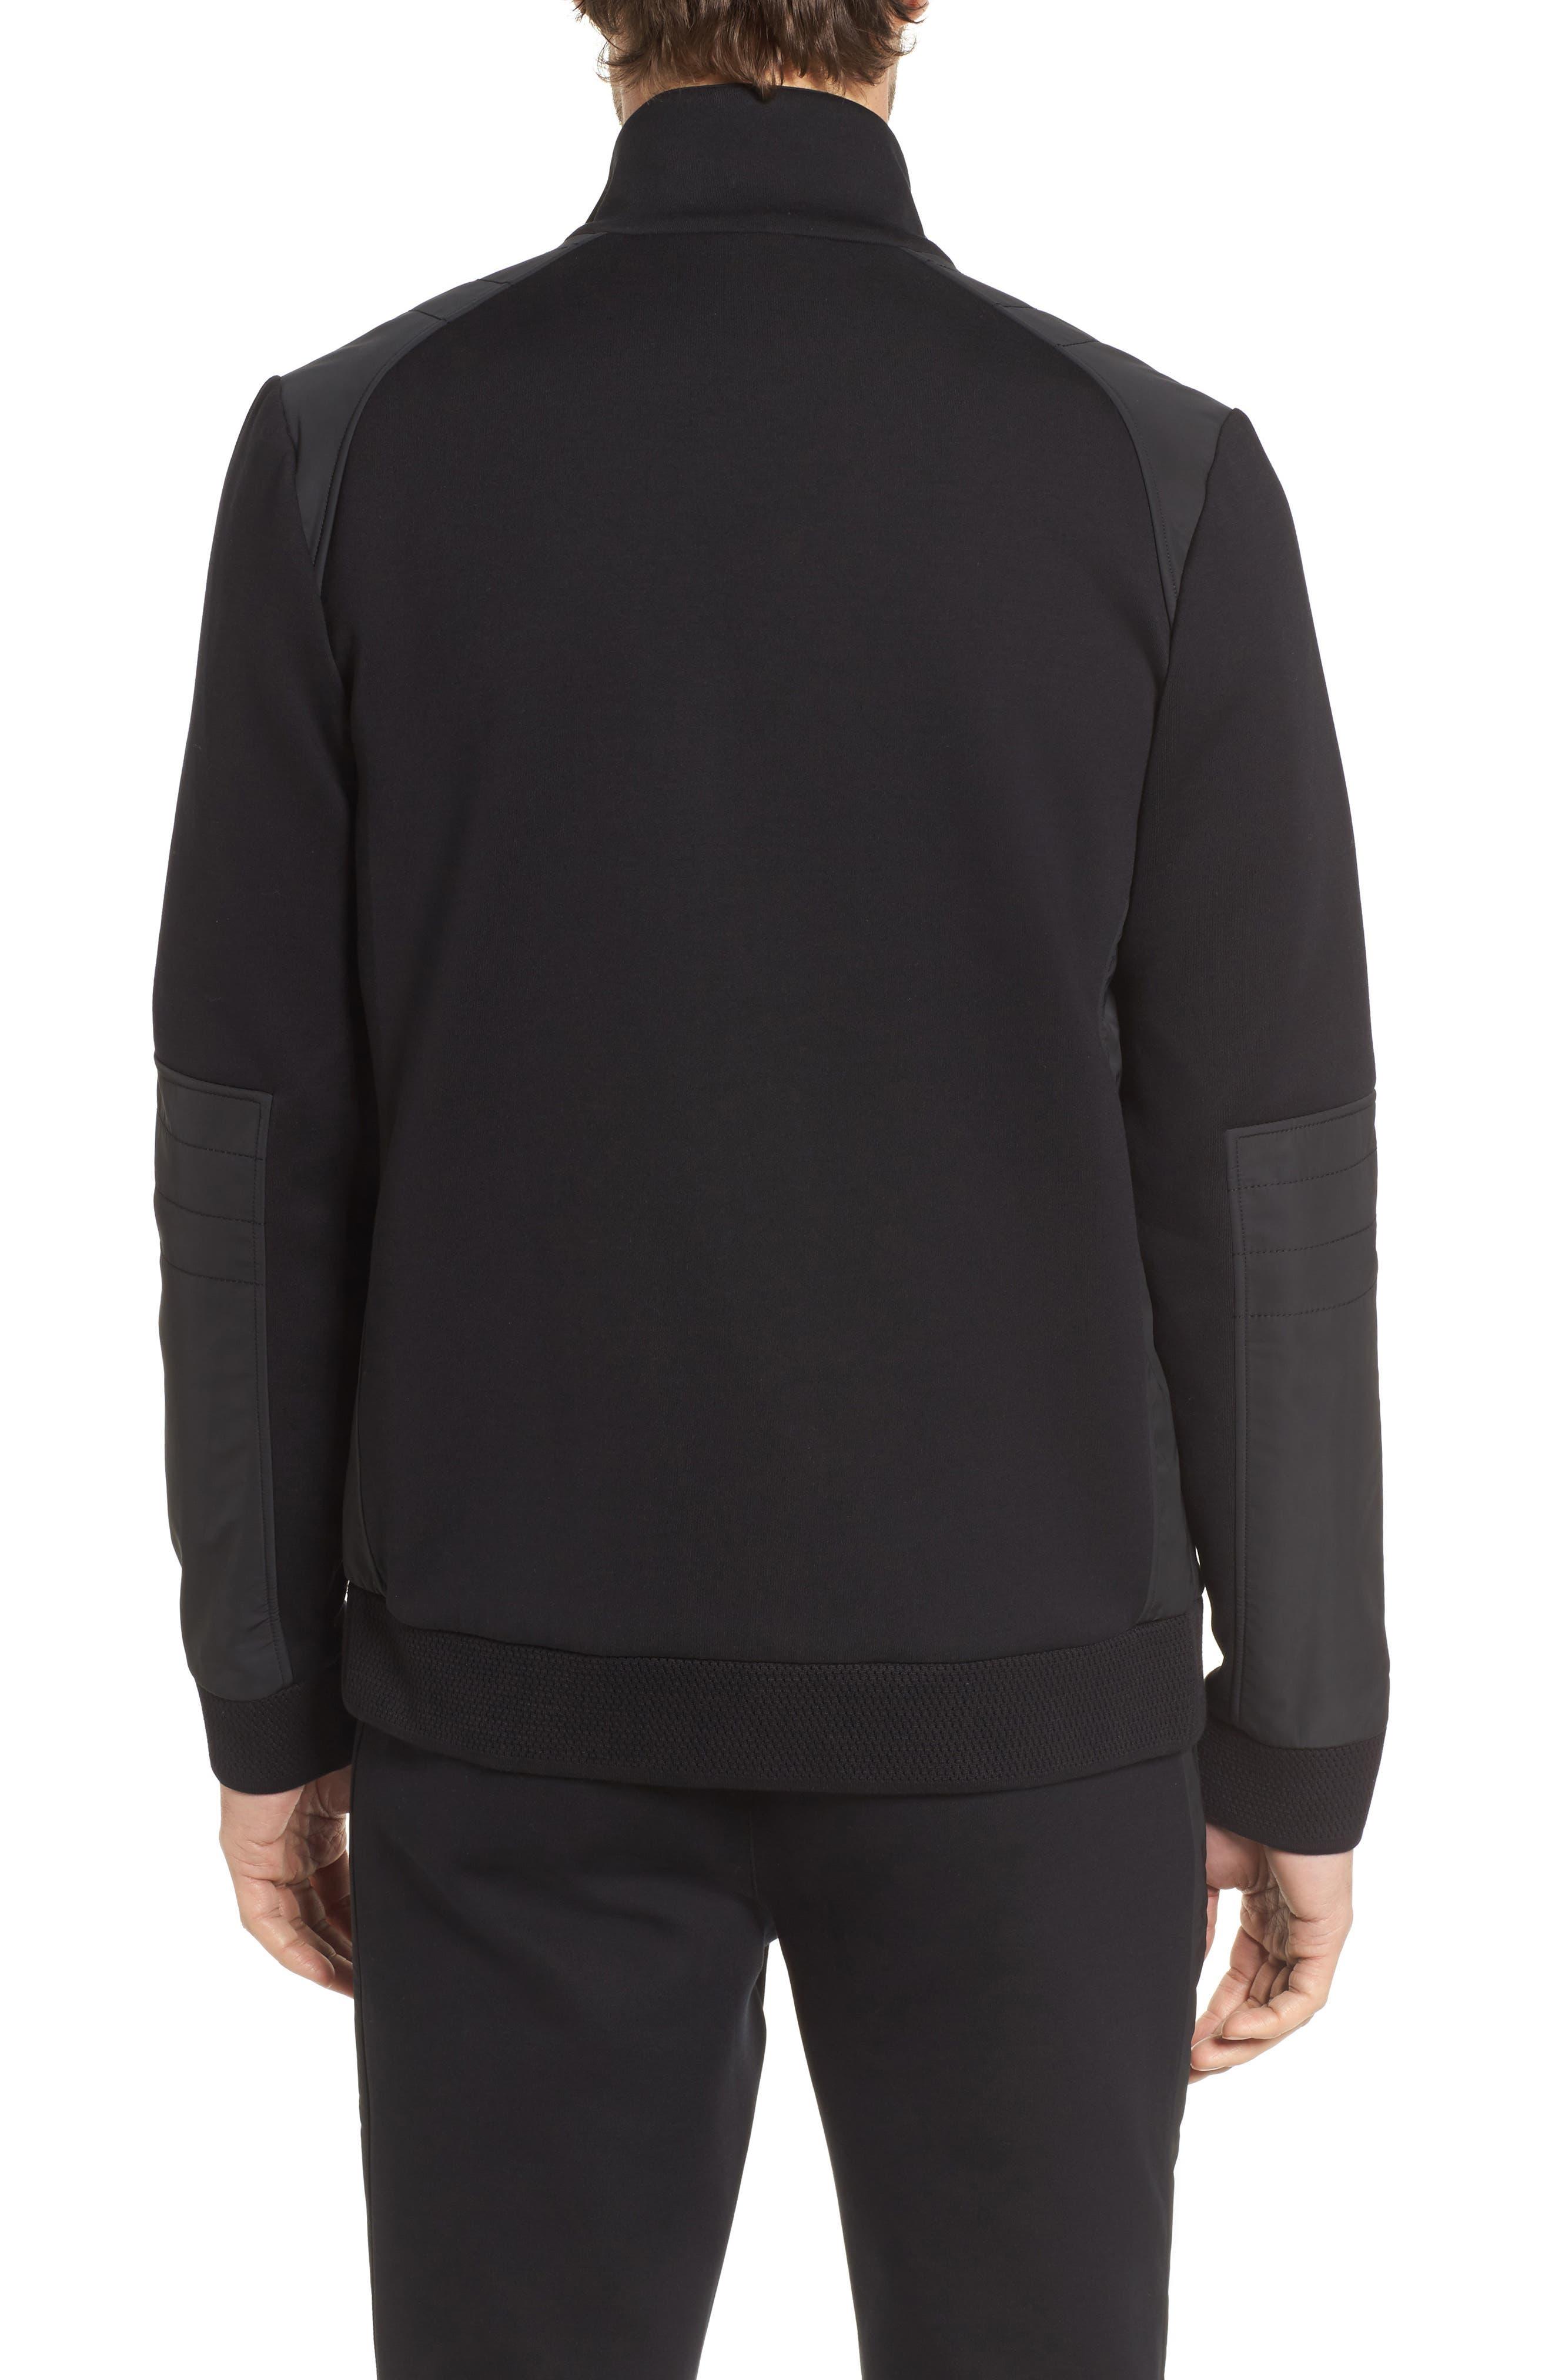 Soule Mercedes Slim Fit Zip Jacket,                             Alternate thumbnail 2, color,                             001